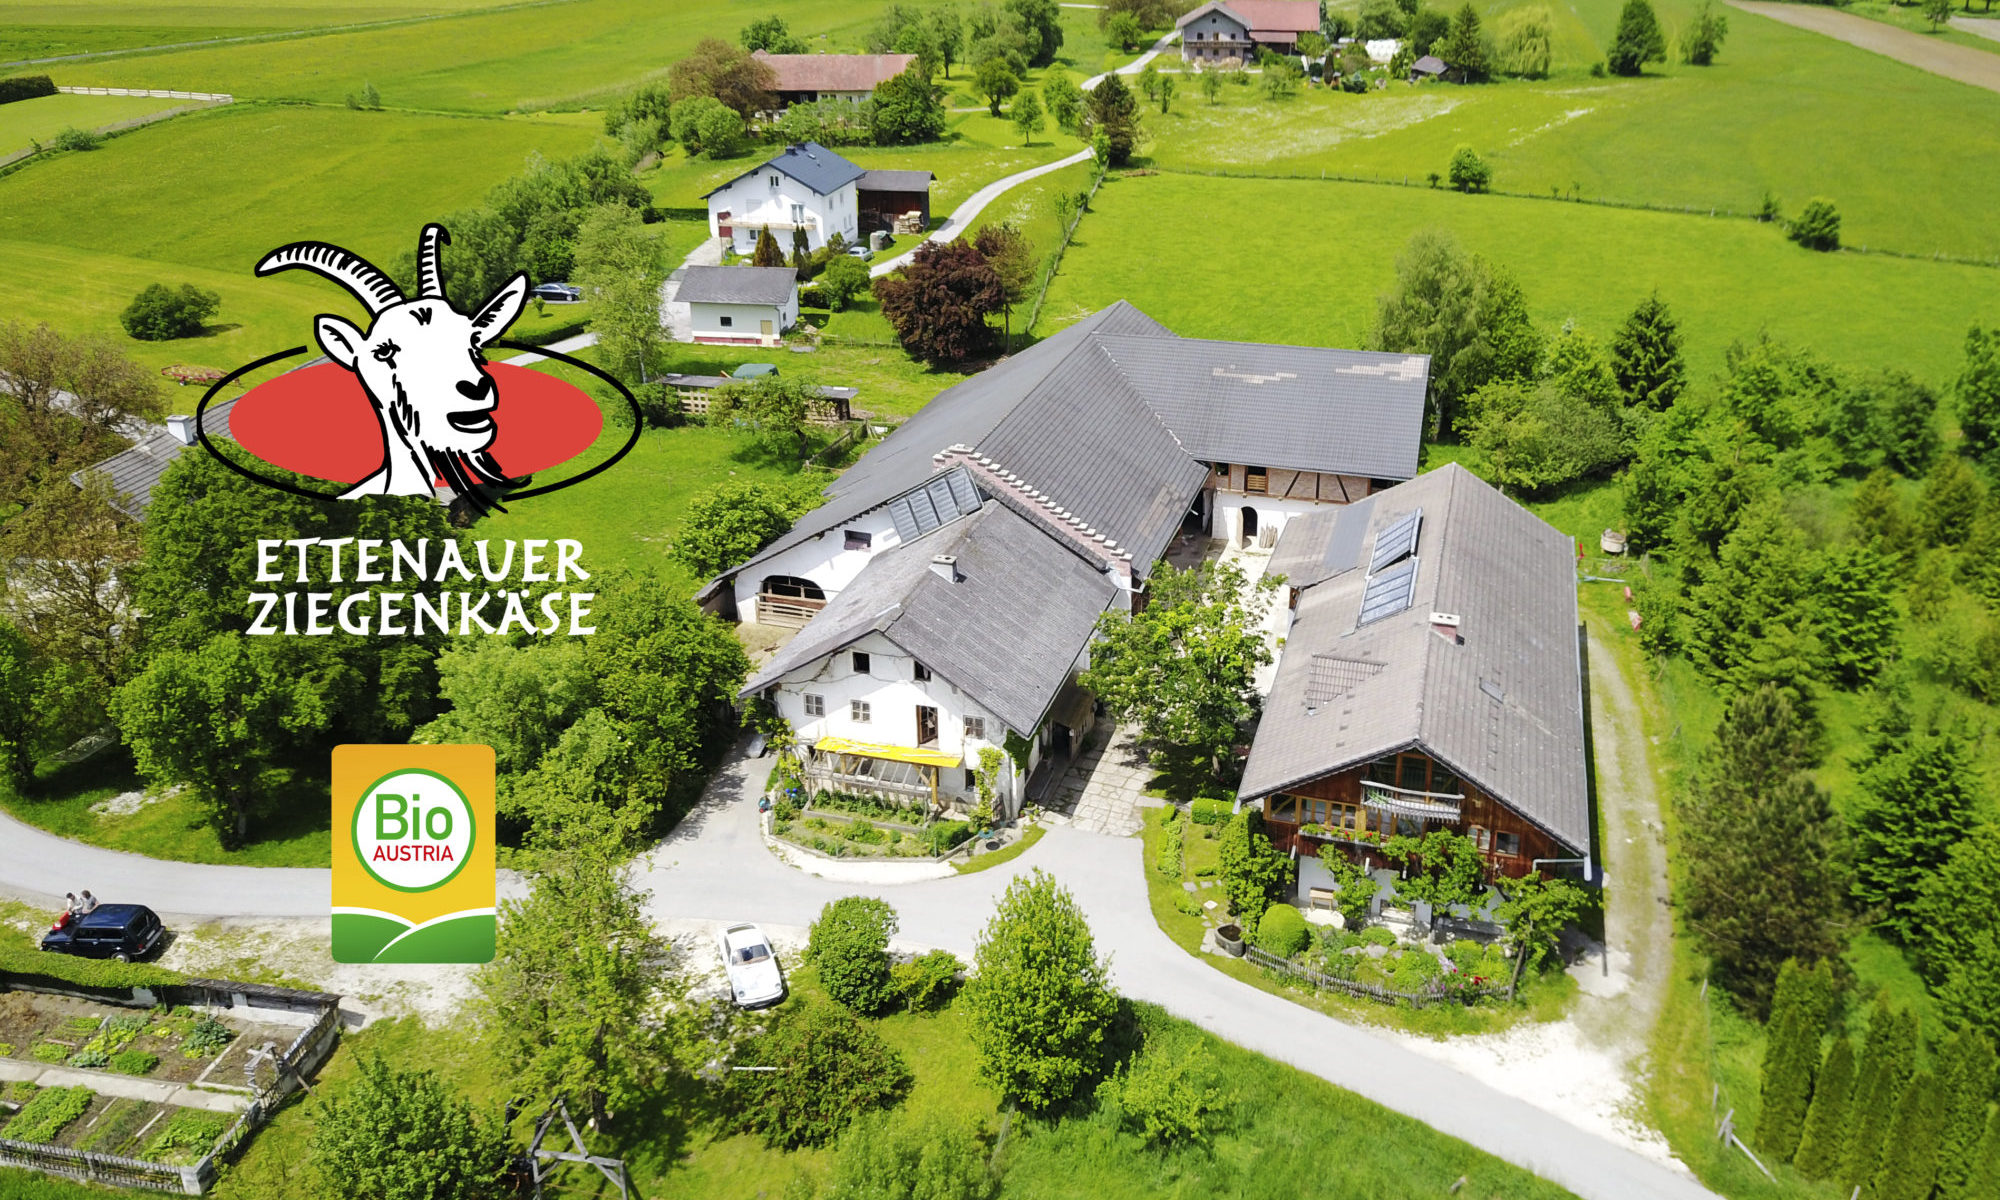 Ettenauer Bio Ziegenkäse Kitzfleisch Ziegenhof